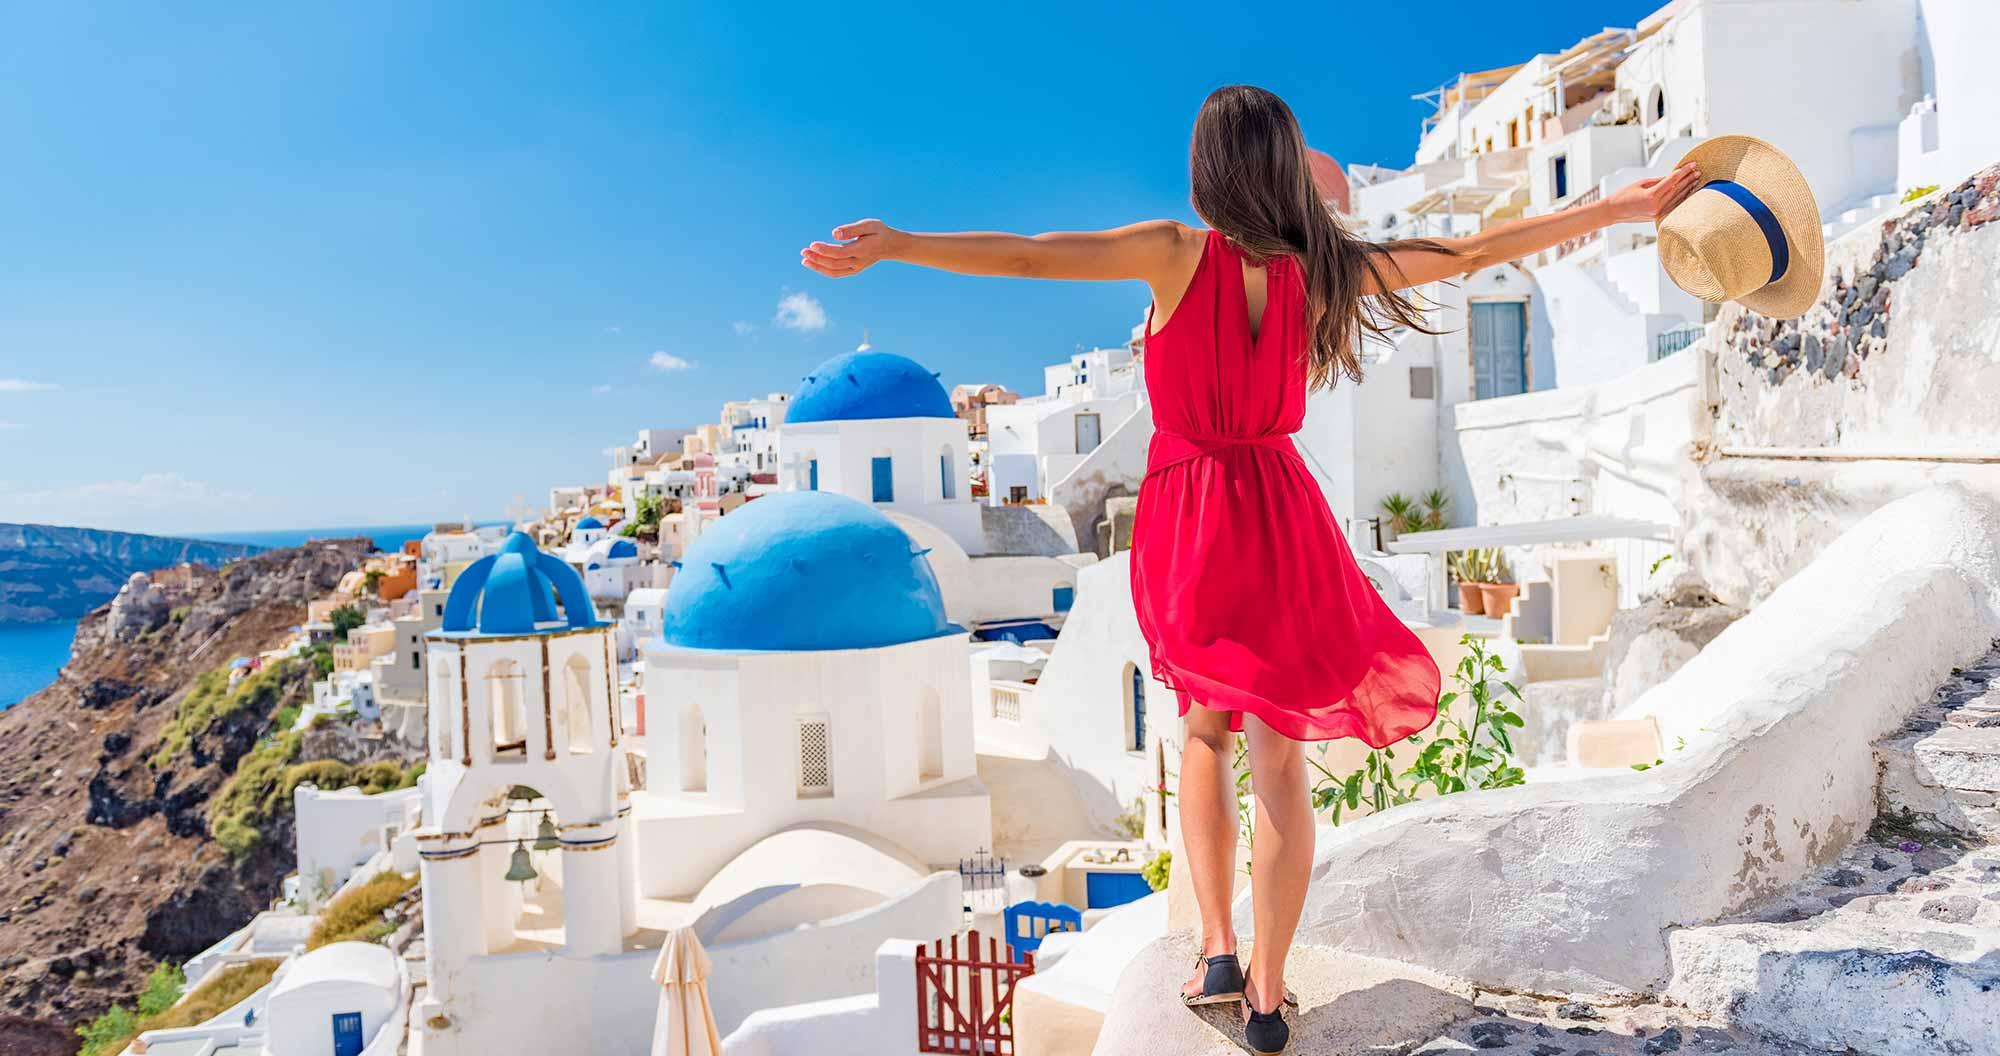 Luxury Travel Destination in Europe